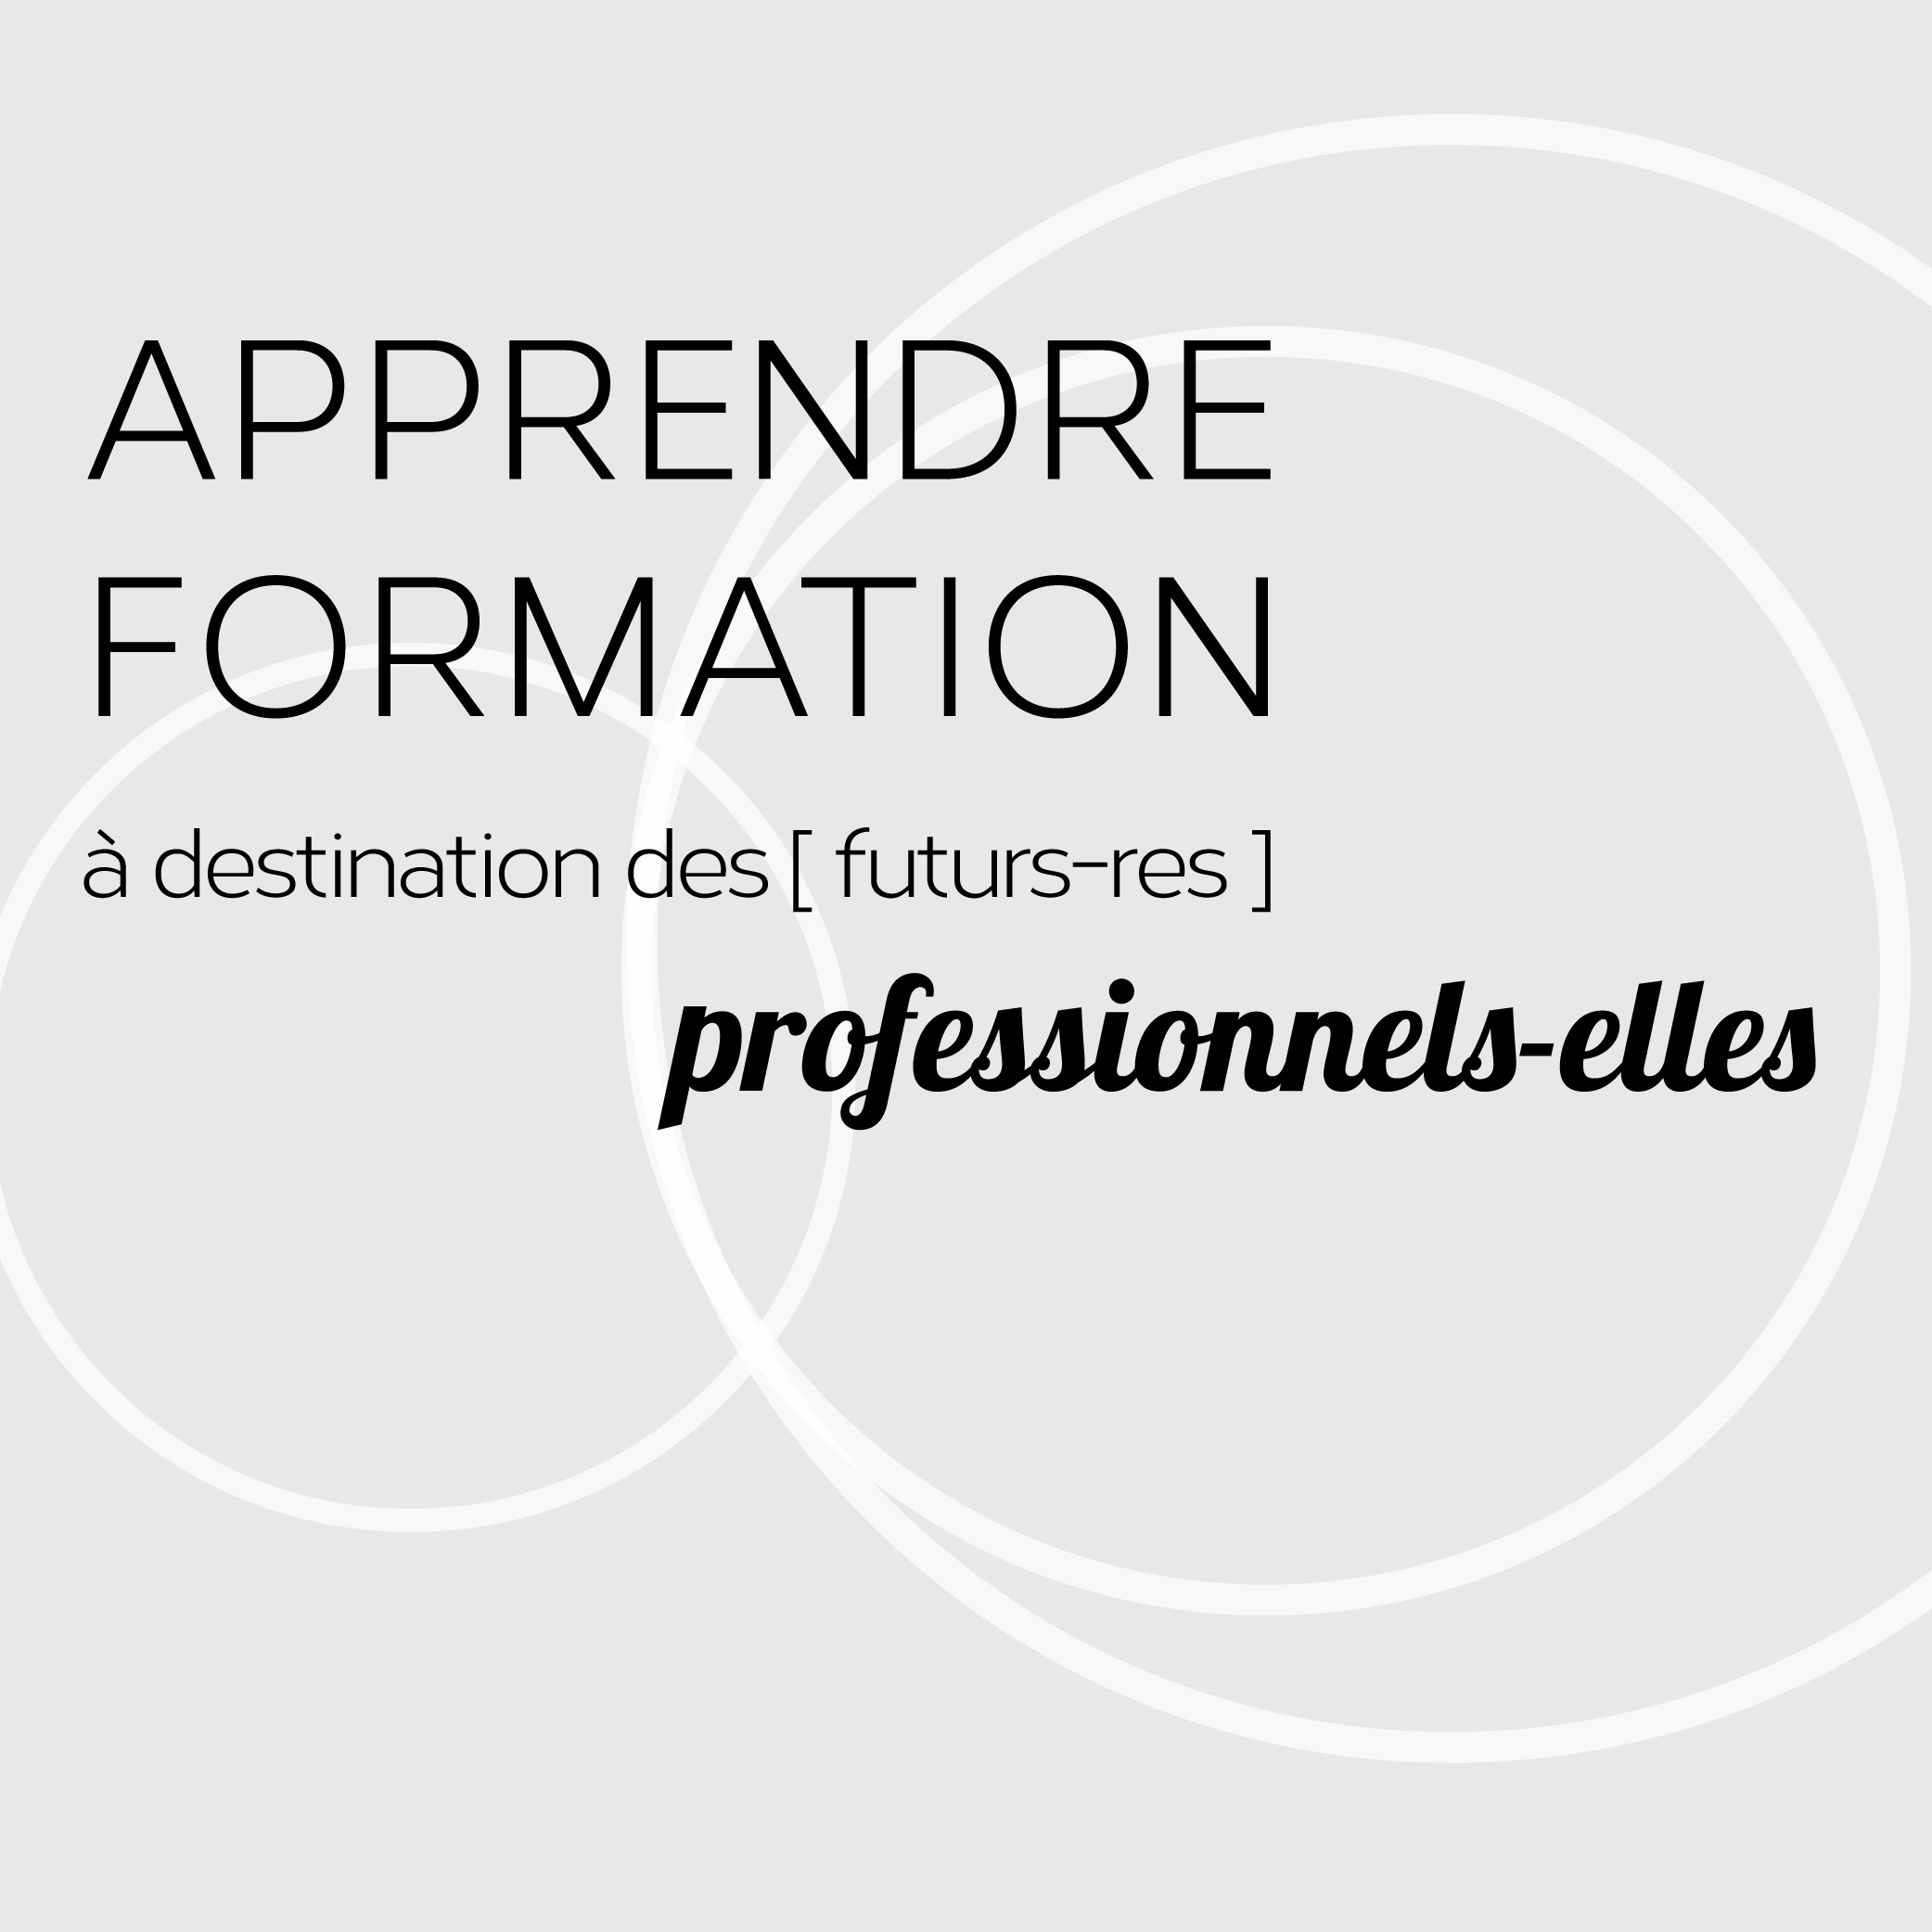 APPRENDRE FORMATION PROFESSIONNELLE - Du Lundi 6 février au vendredi 10 février 2017 - Horaire : 10h00 - 17h00